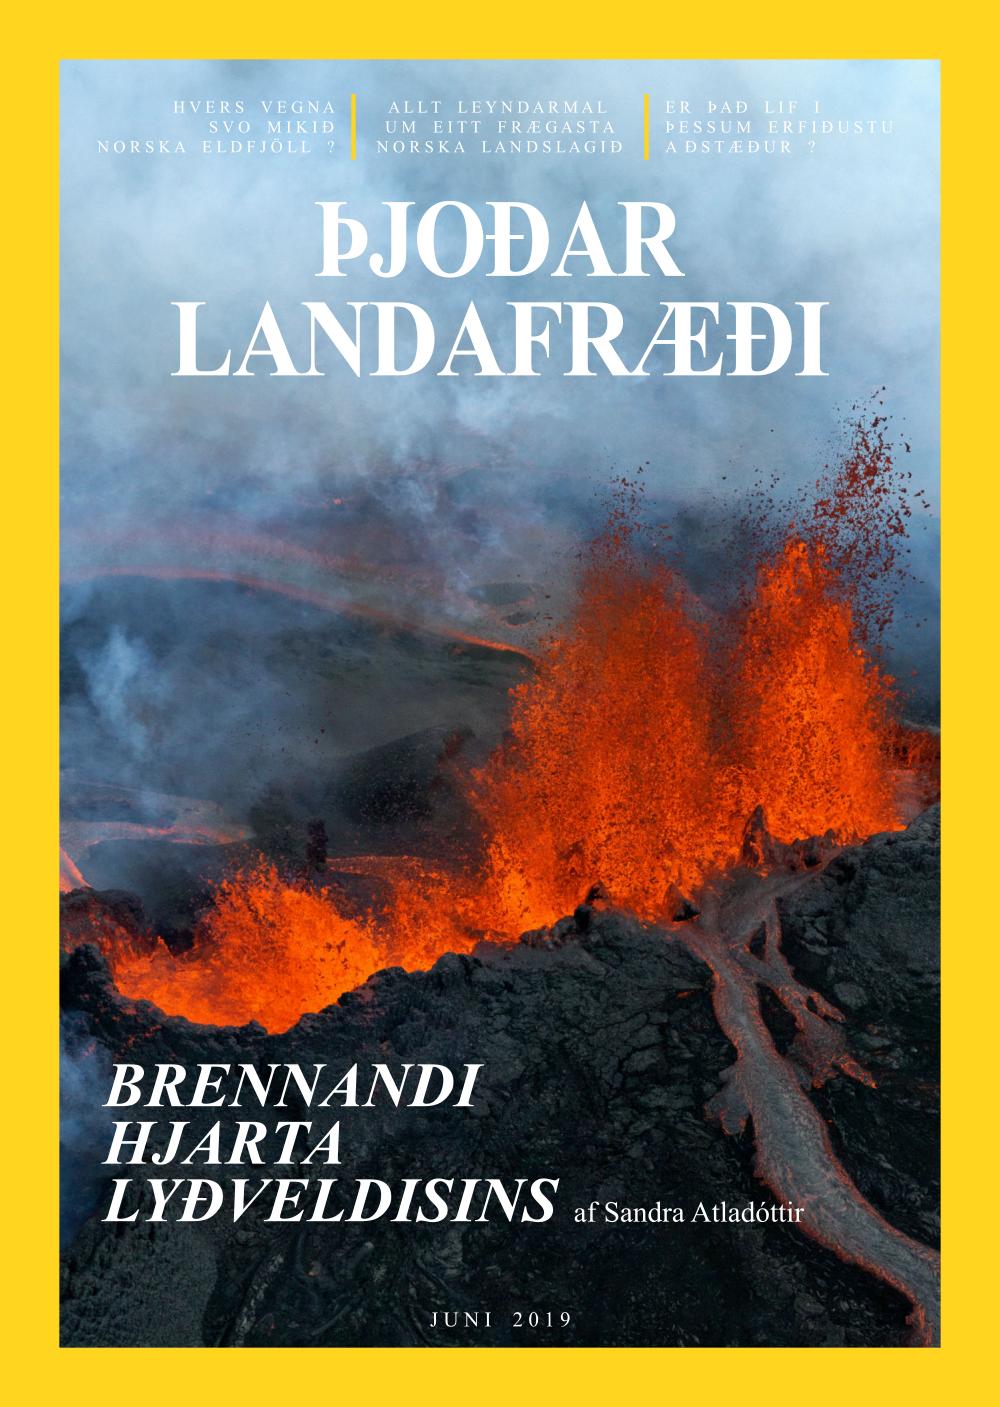 Þjóðar Landafræði  190613071027632187